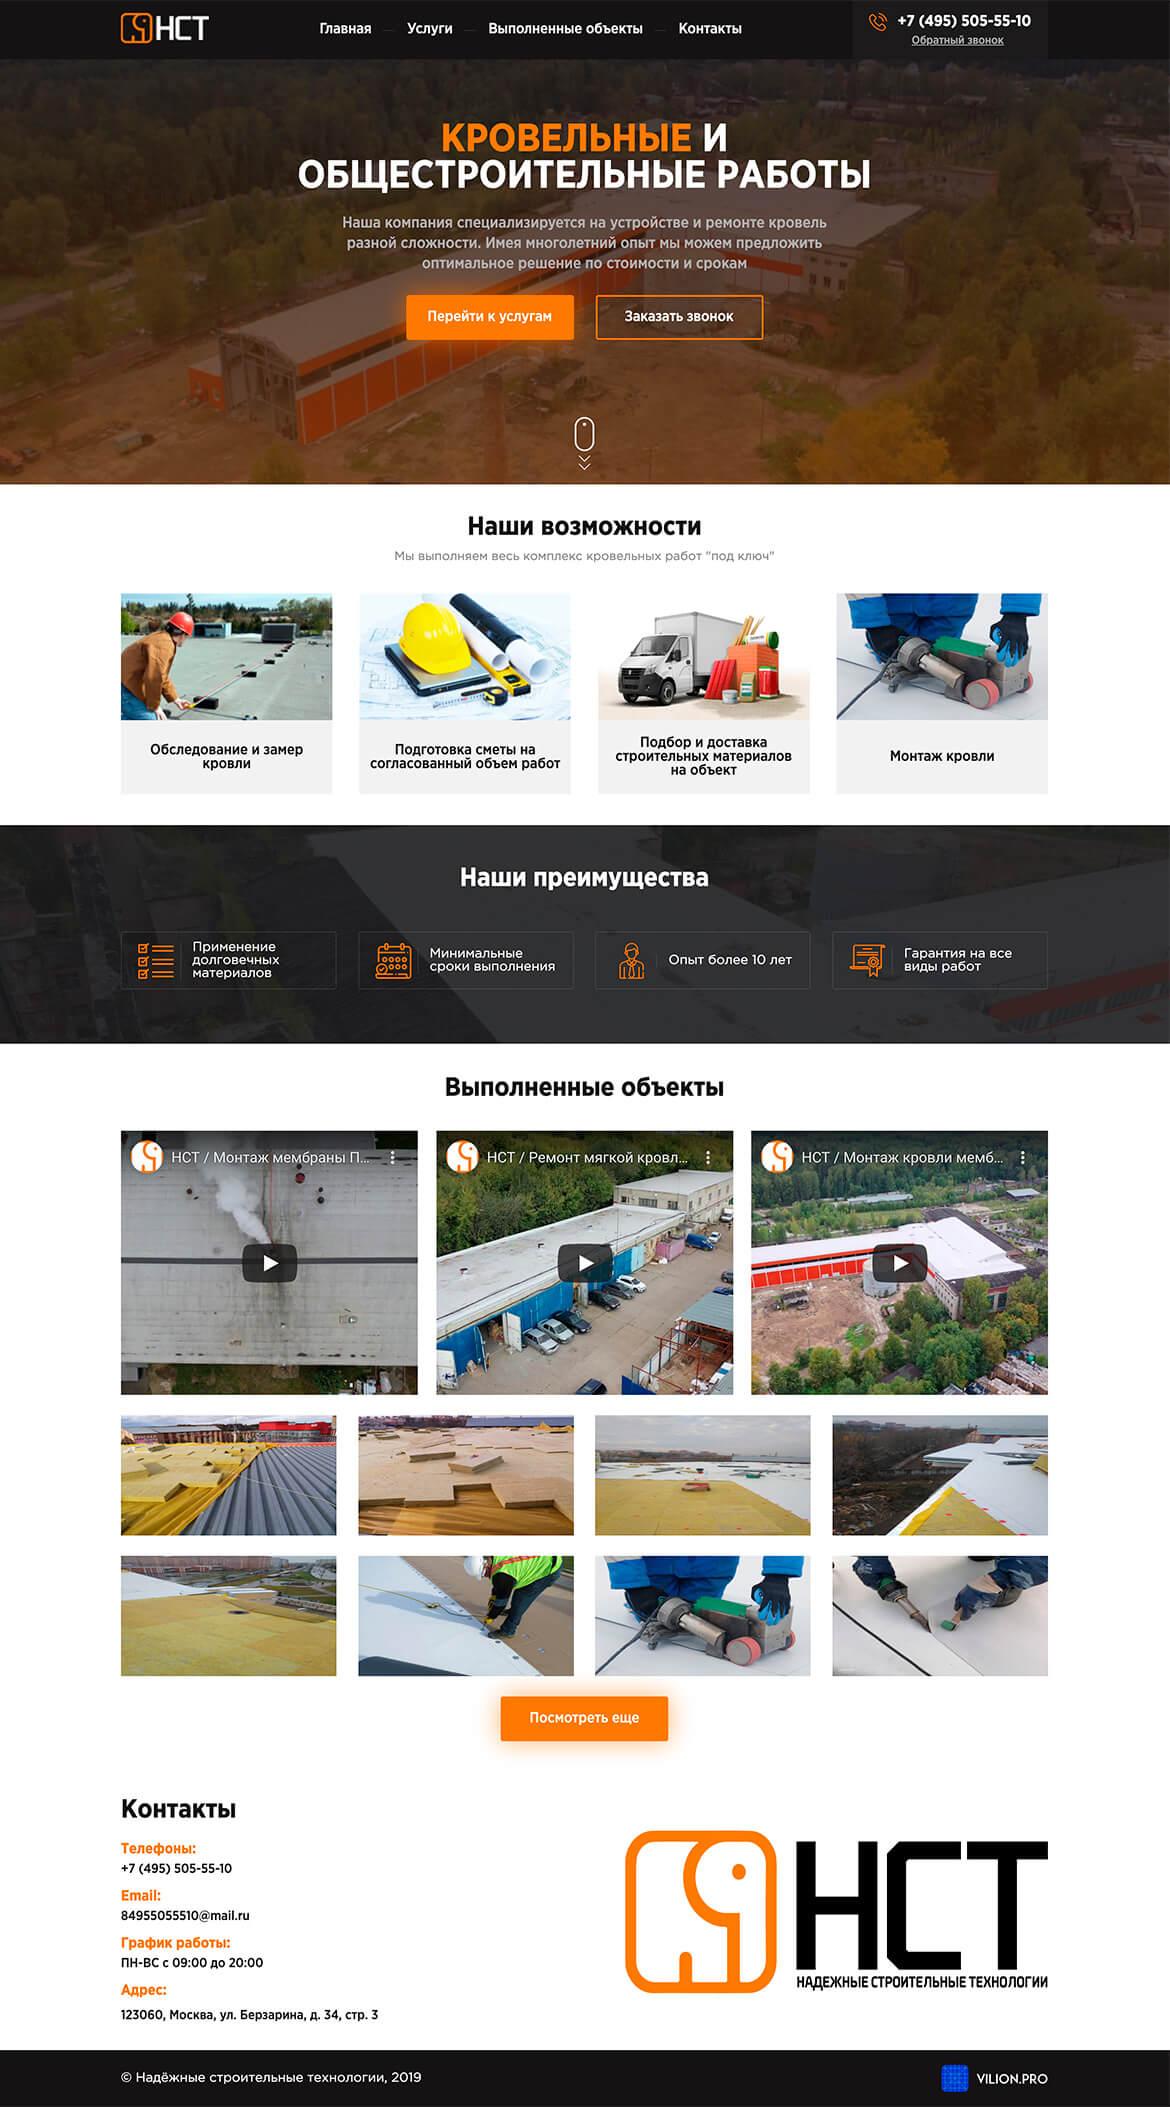 НСТ - Надёжные строительные технологии